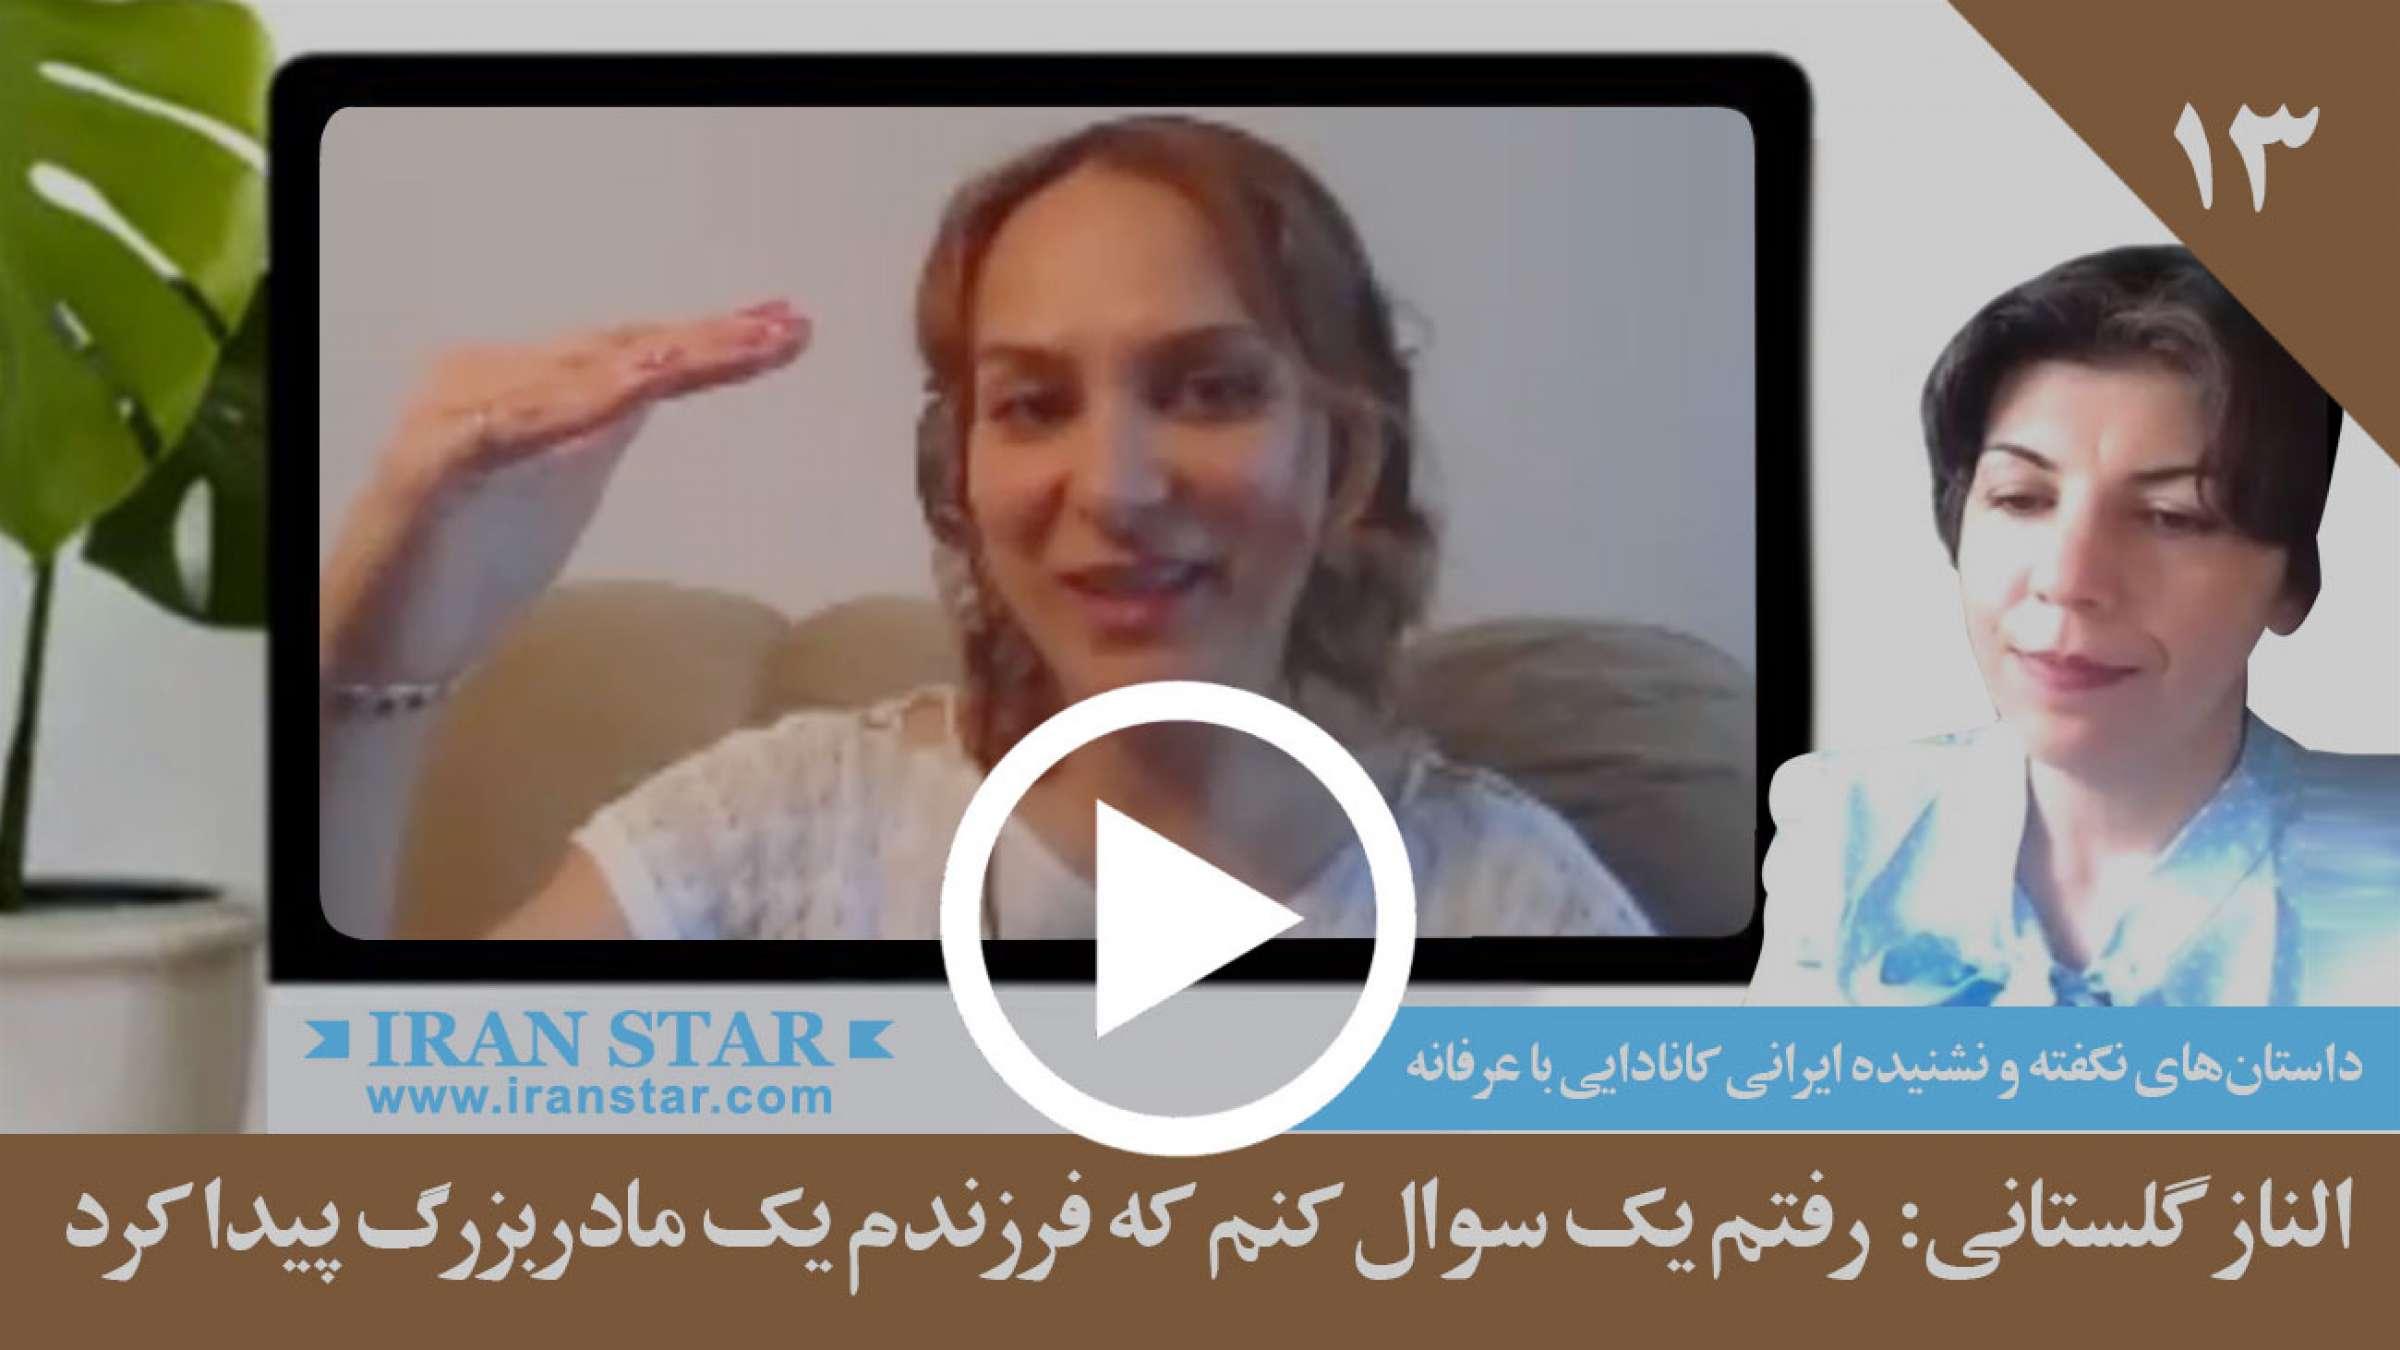 الناز گلستانی: رفتم یک سوال کنم که فرزندم یک مادربزرگ پیدا کرد